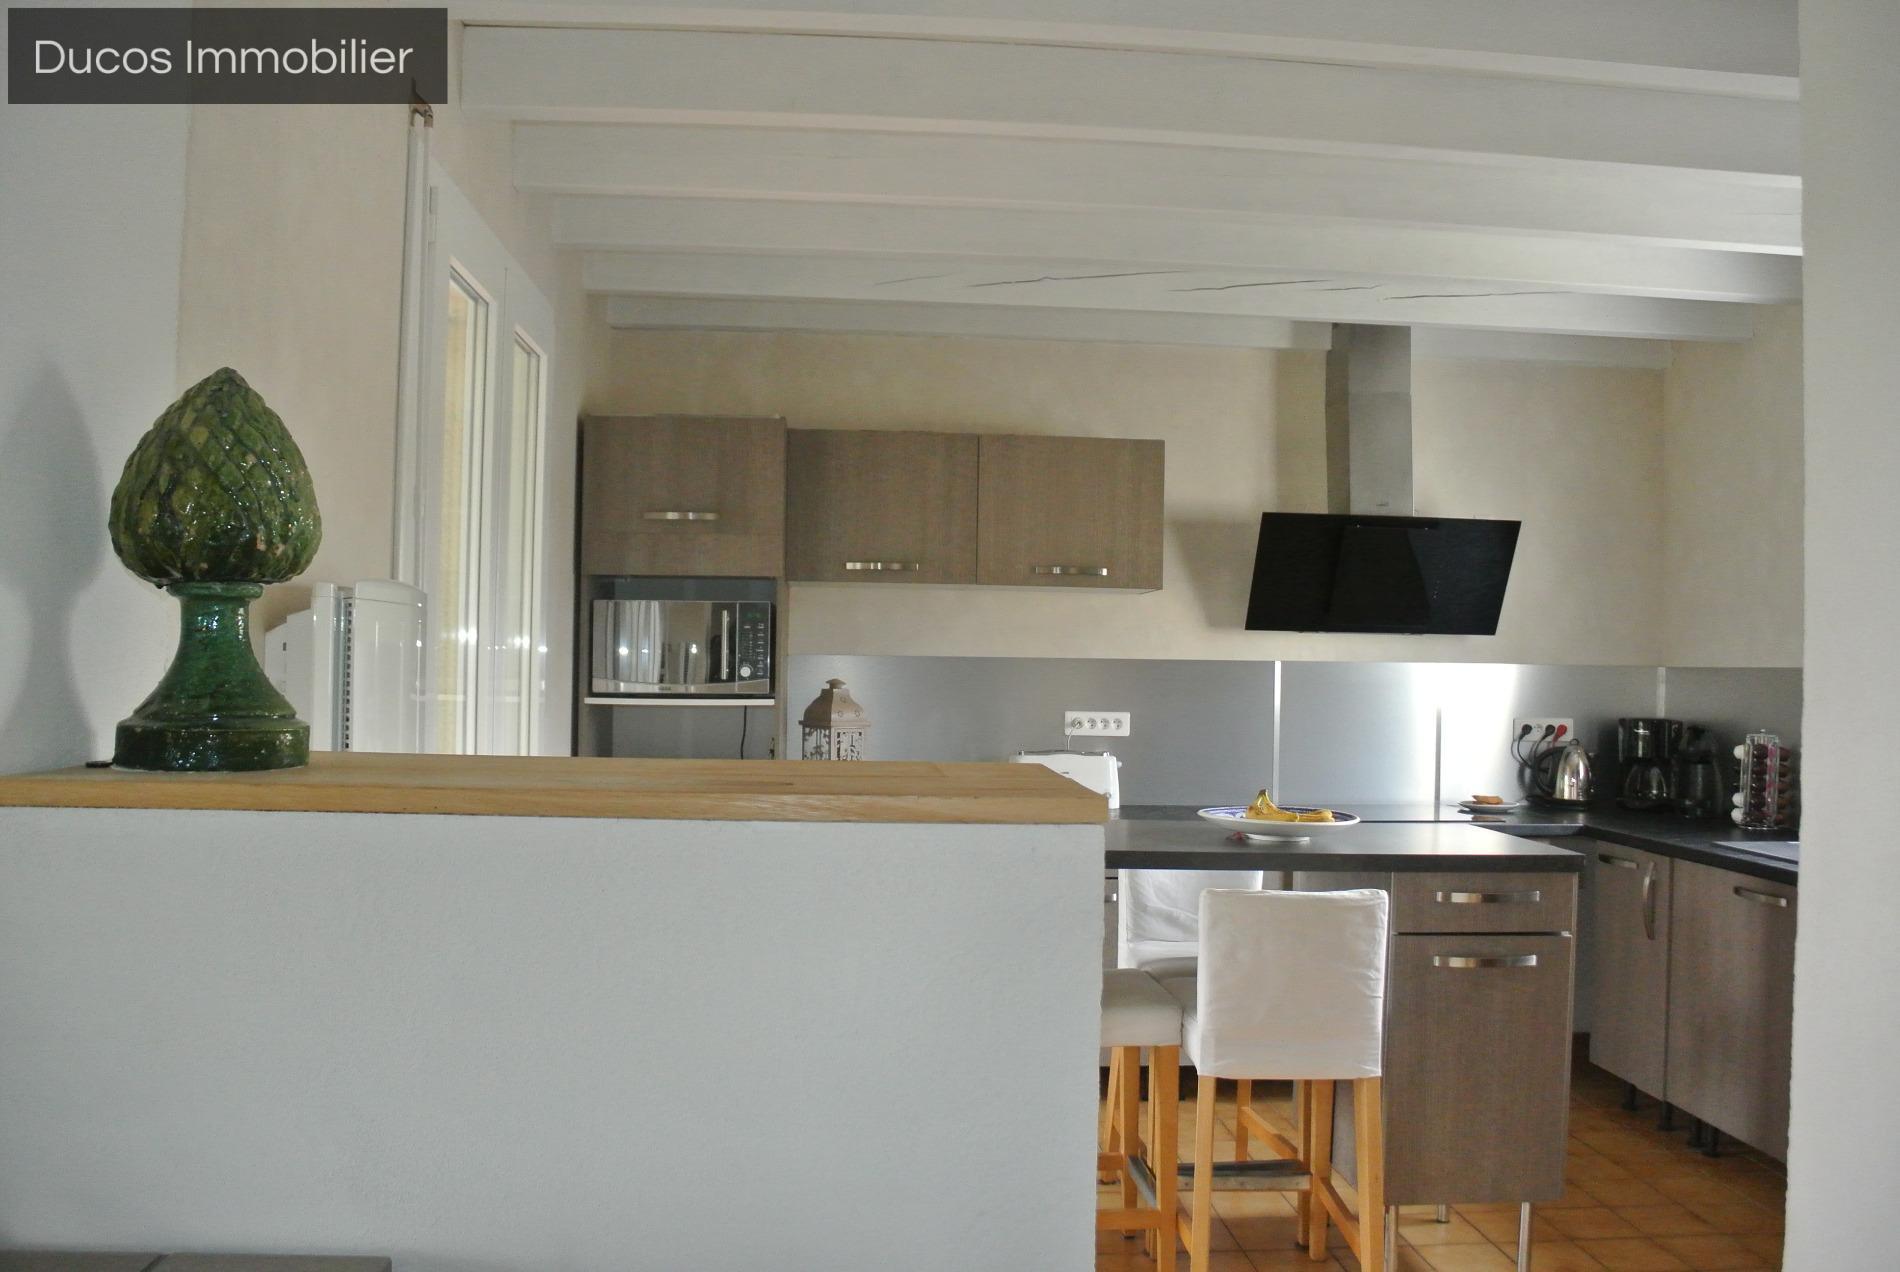 Vente maison villa Marmande 162 m² €